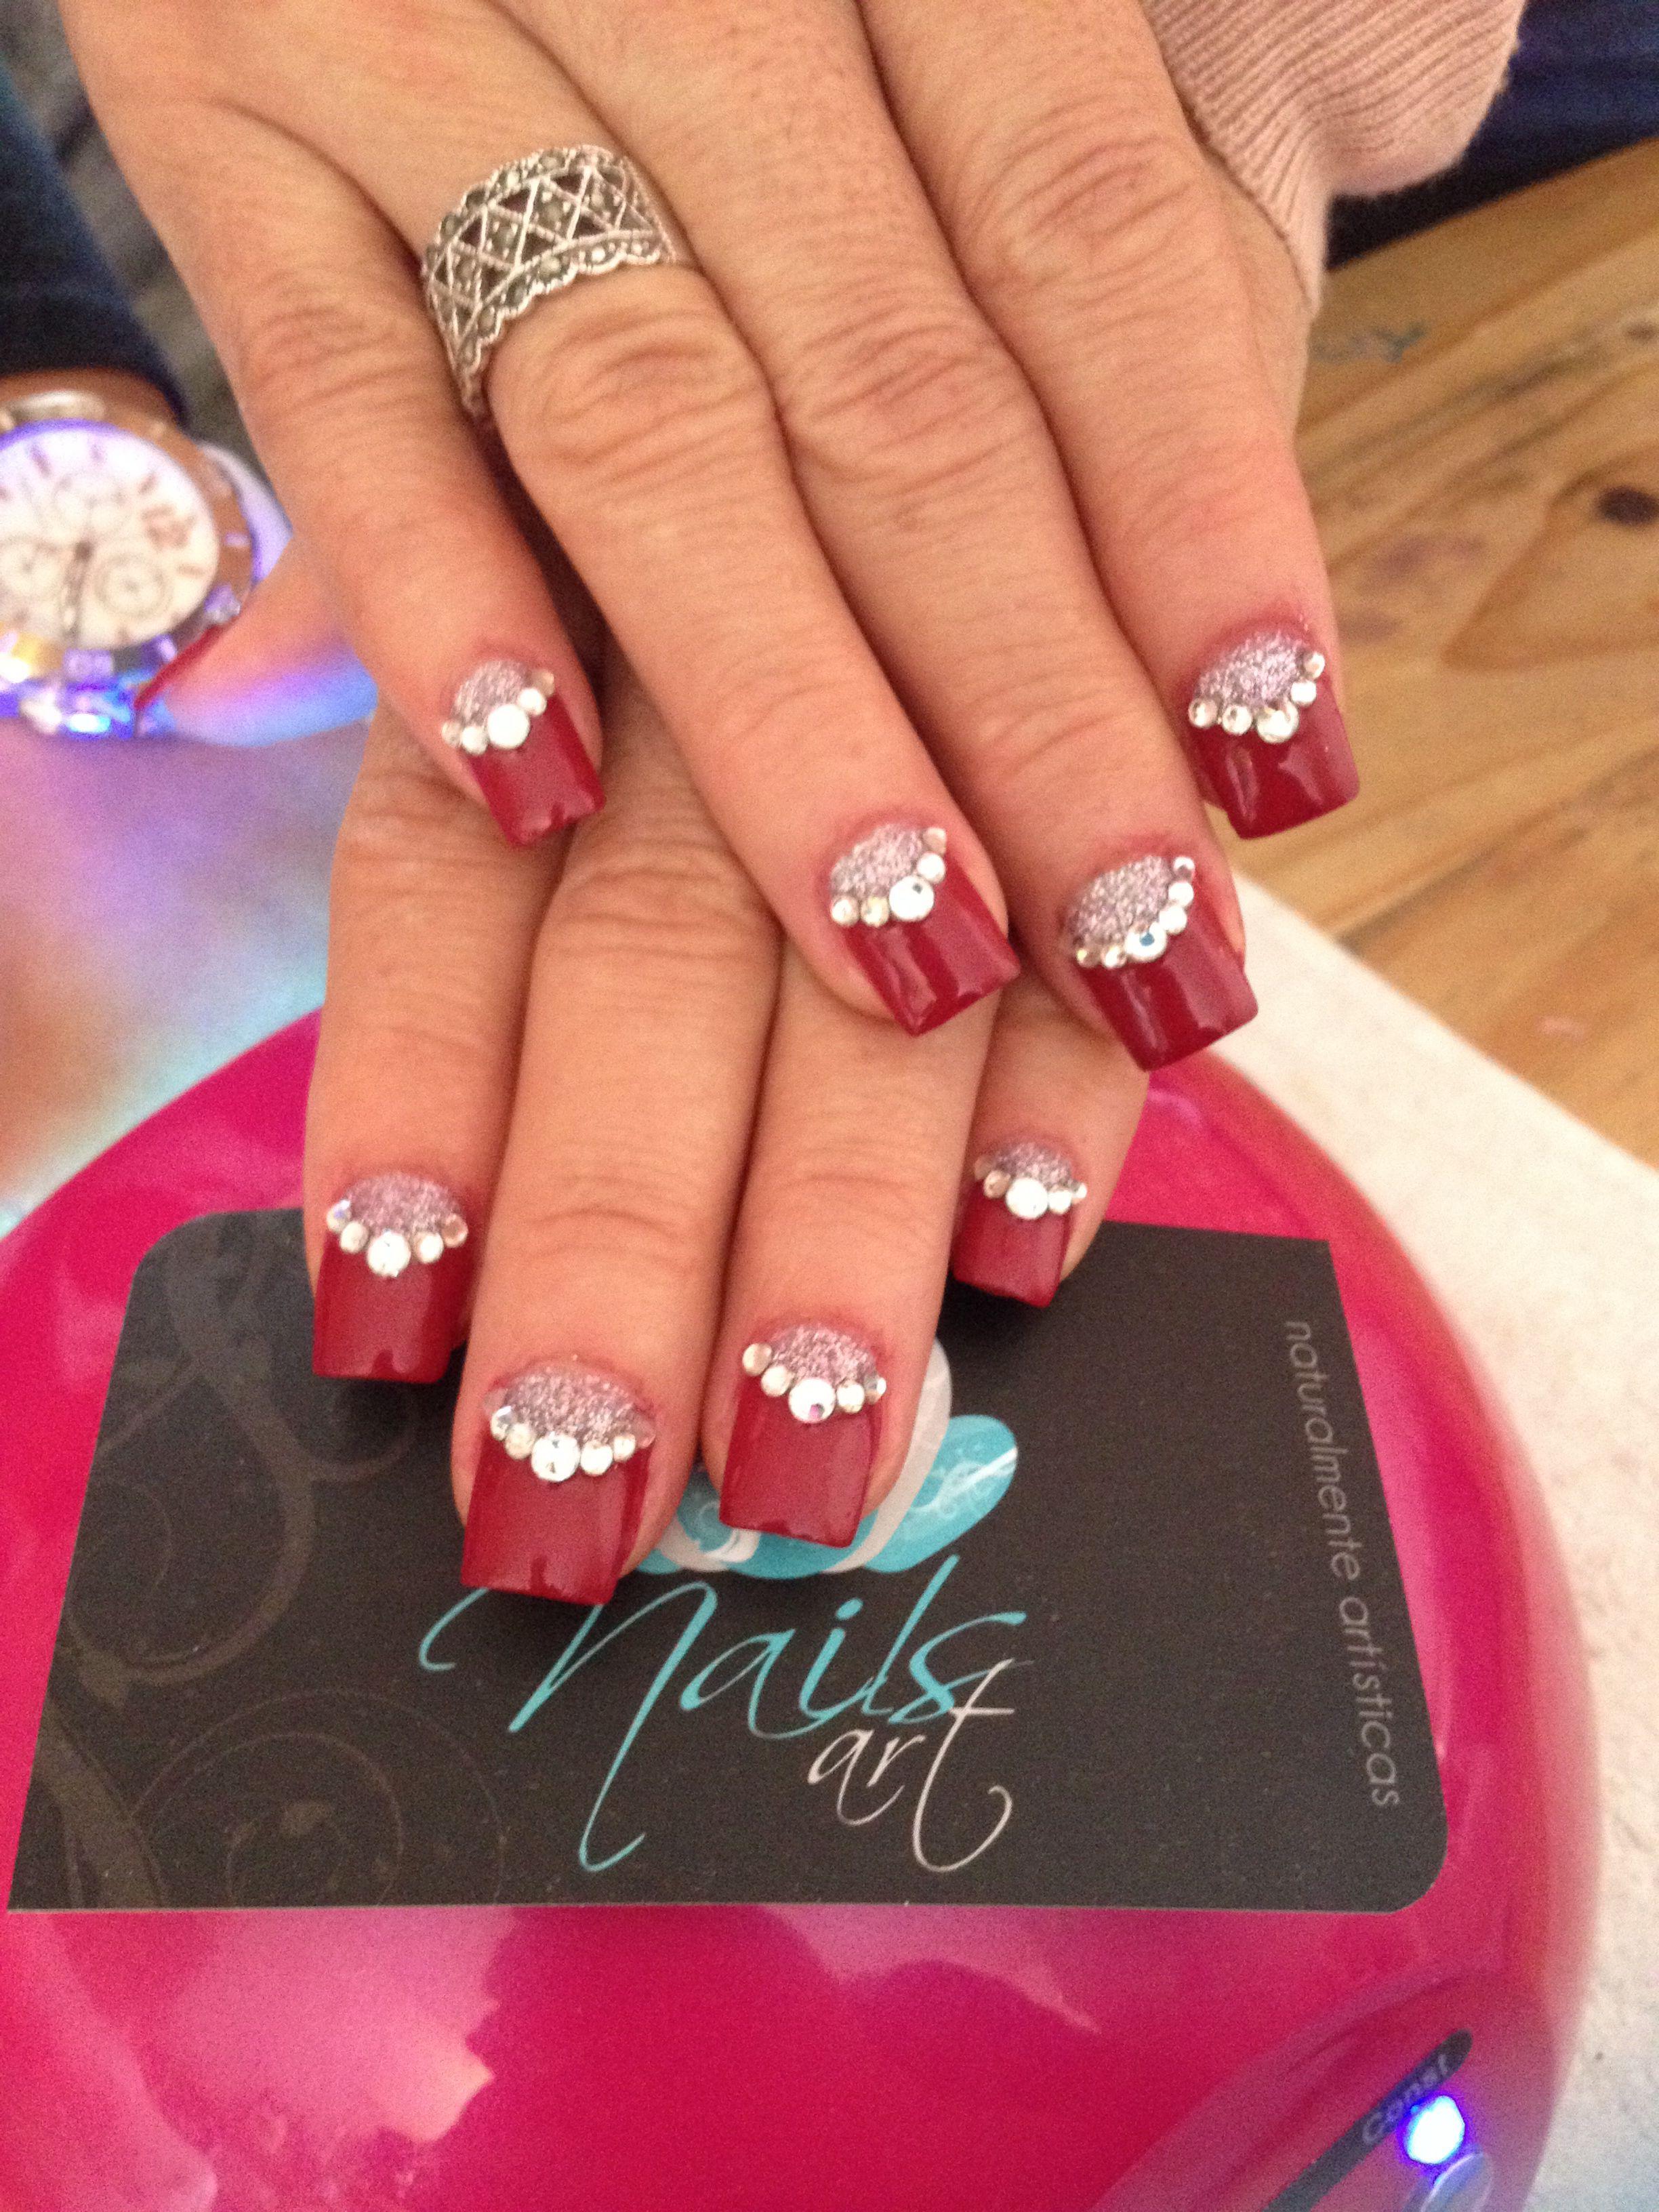 Nails art acrylic nails Nails art Pinterest Acrylics Nail